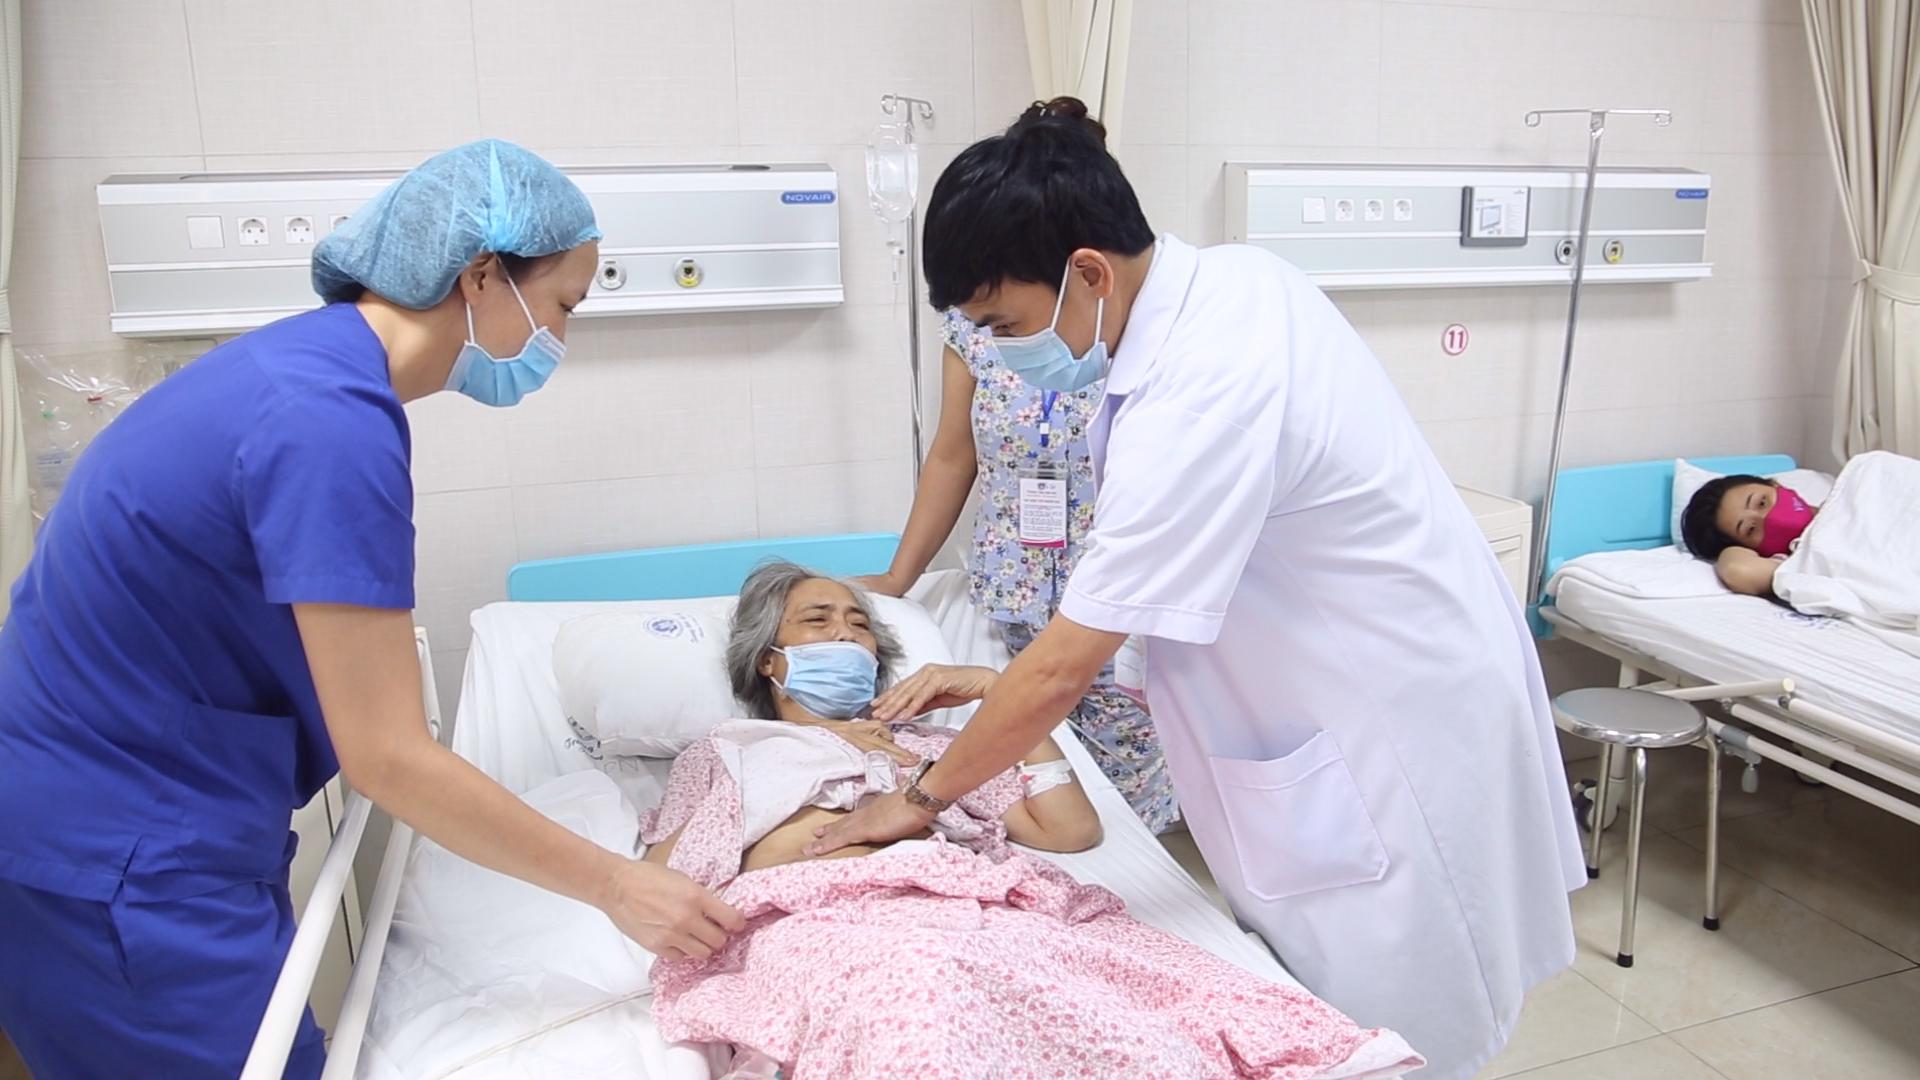 Cắt khối u nang buồng trứng nặng 9kg cho người bệnh 63 tuổi